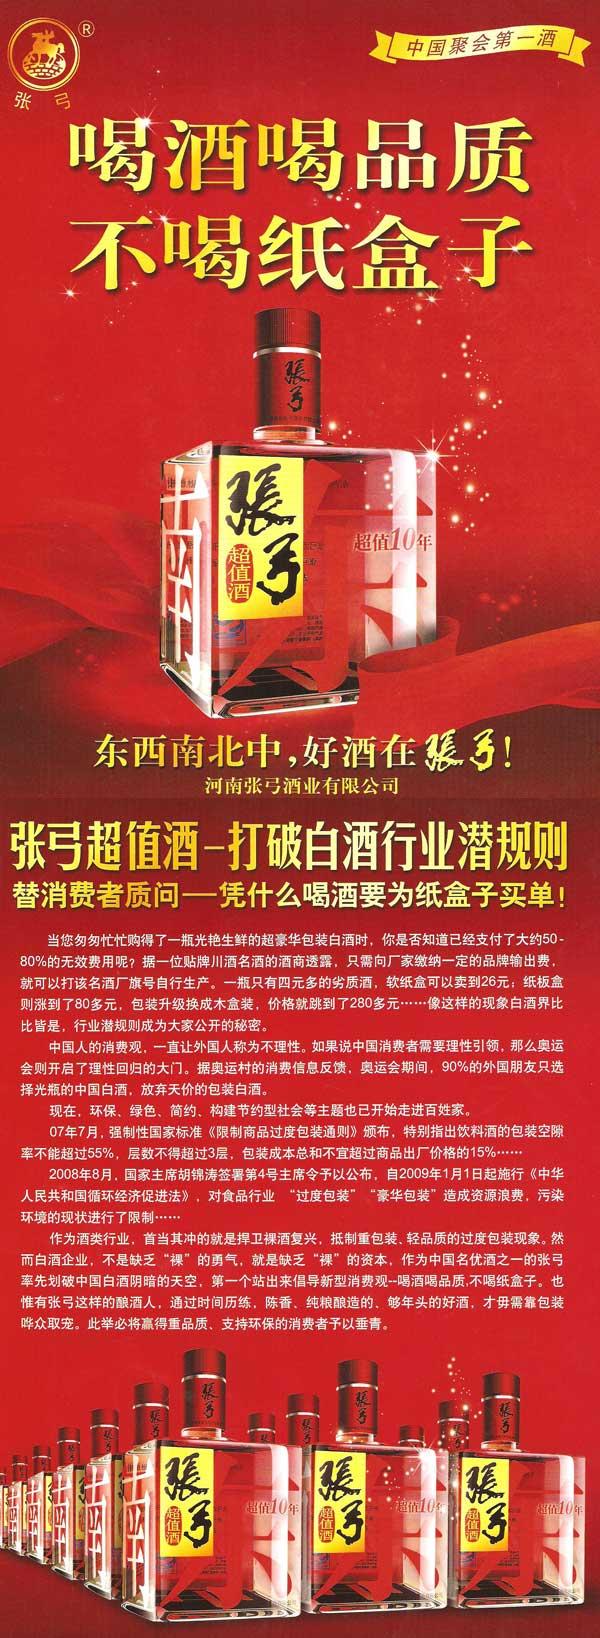 河南省张弓酒业(驻北京总代理 ) 诚招各区域代理商--展会招商-959品牌招商网